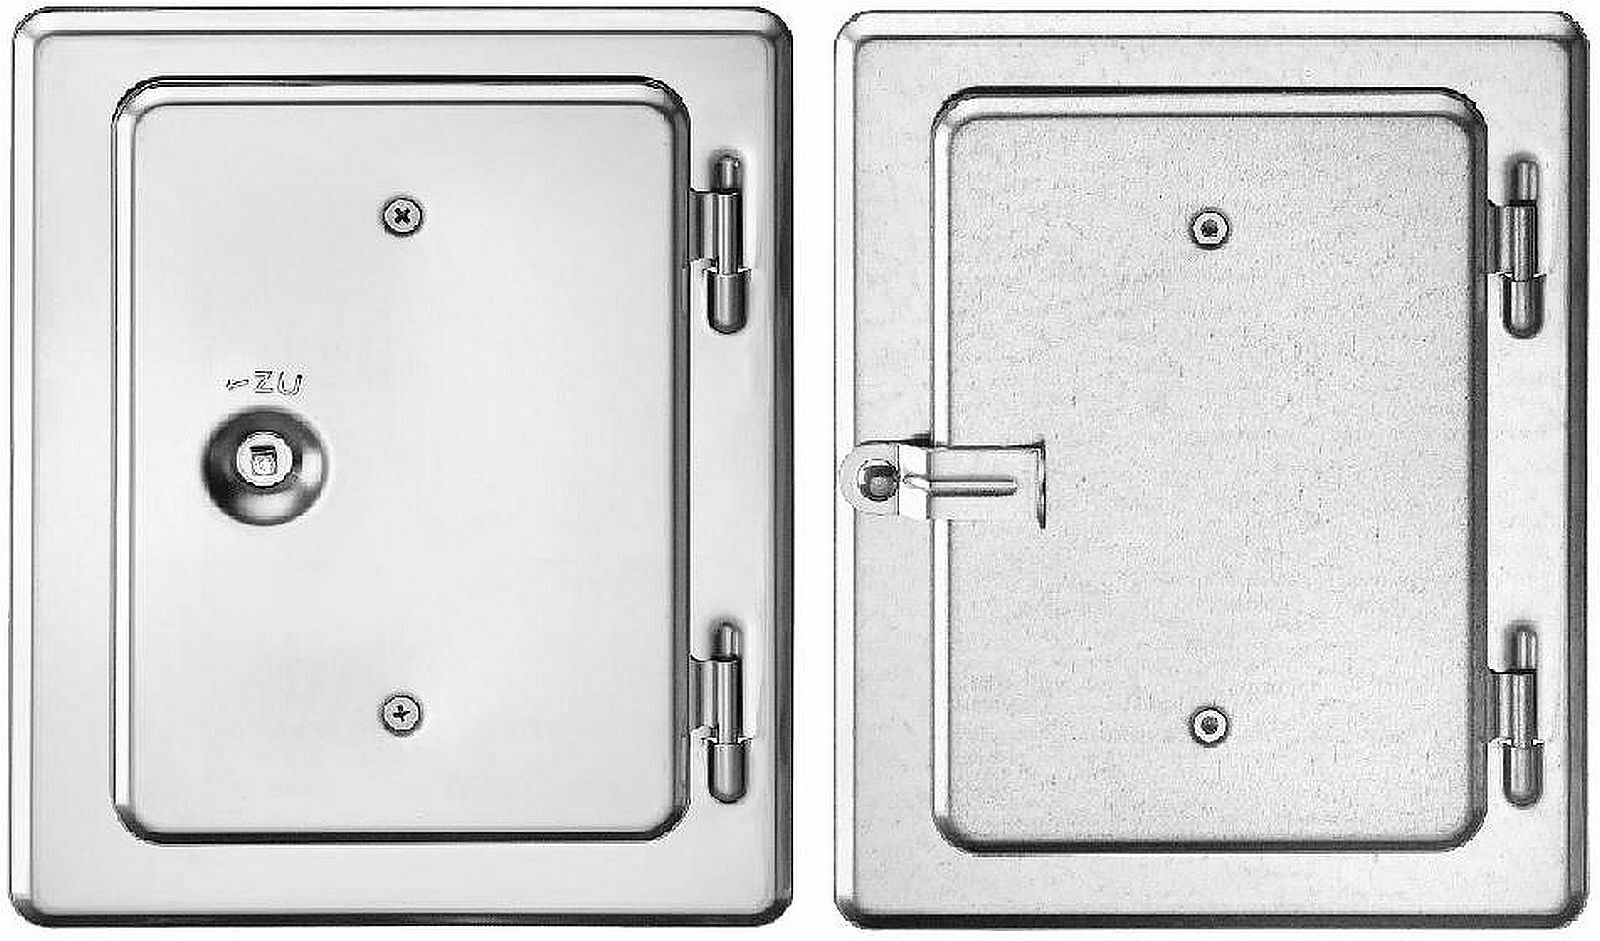 Upmann Kamintür K10 12 X 18 Cm Schornstein-tür Mit Vierkantverschluss Sonstige Heimwerker